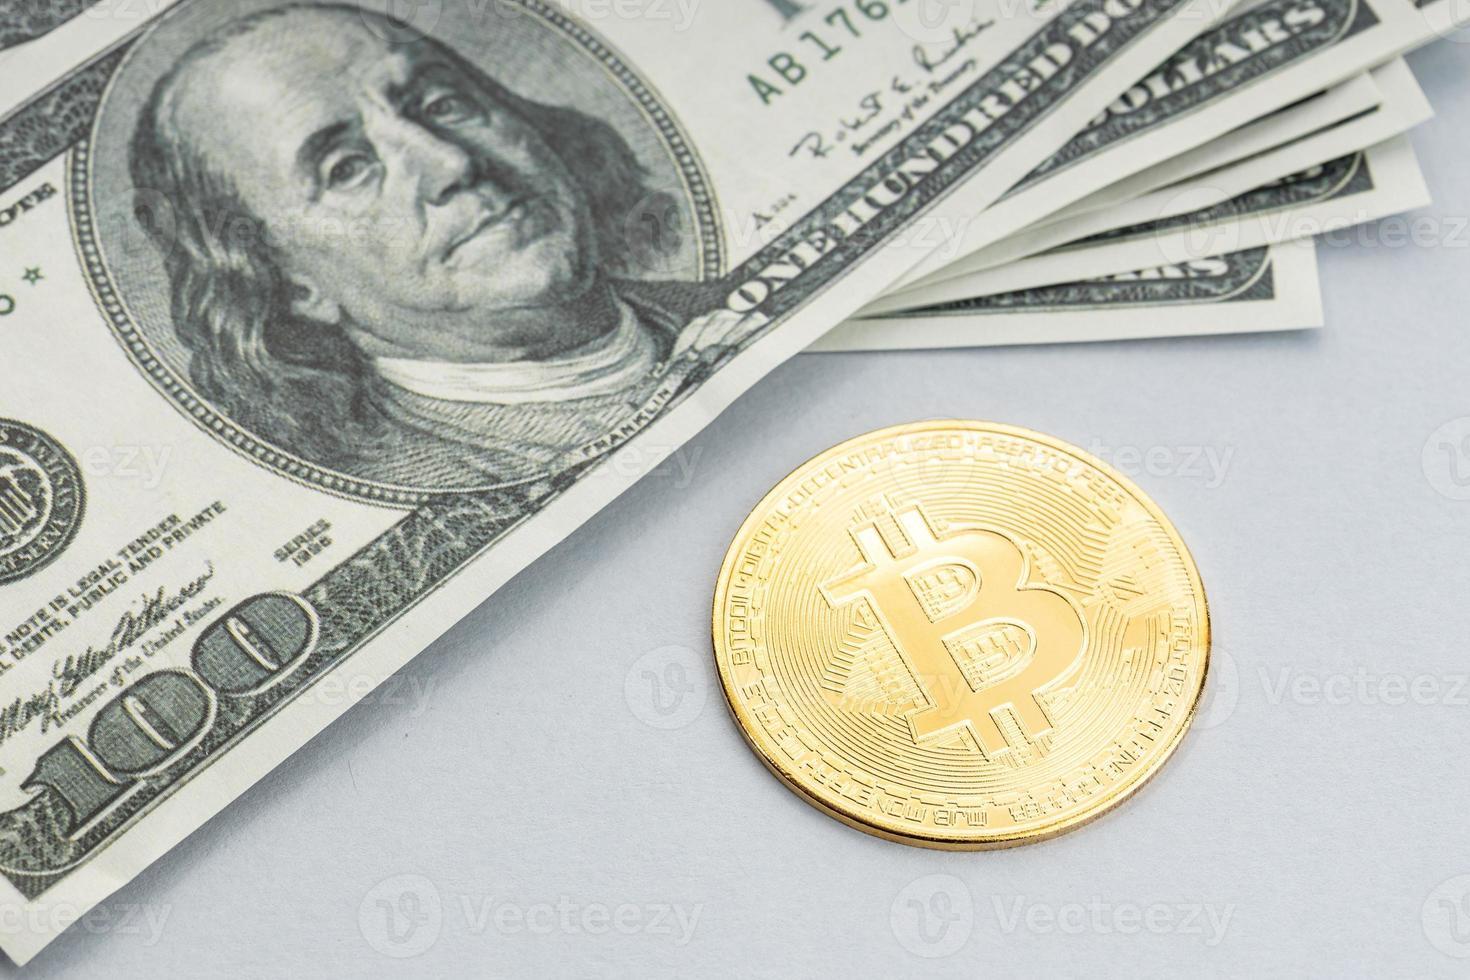 pièce de monnaie bitcoin et une pile de billets en dollars américains photo